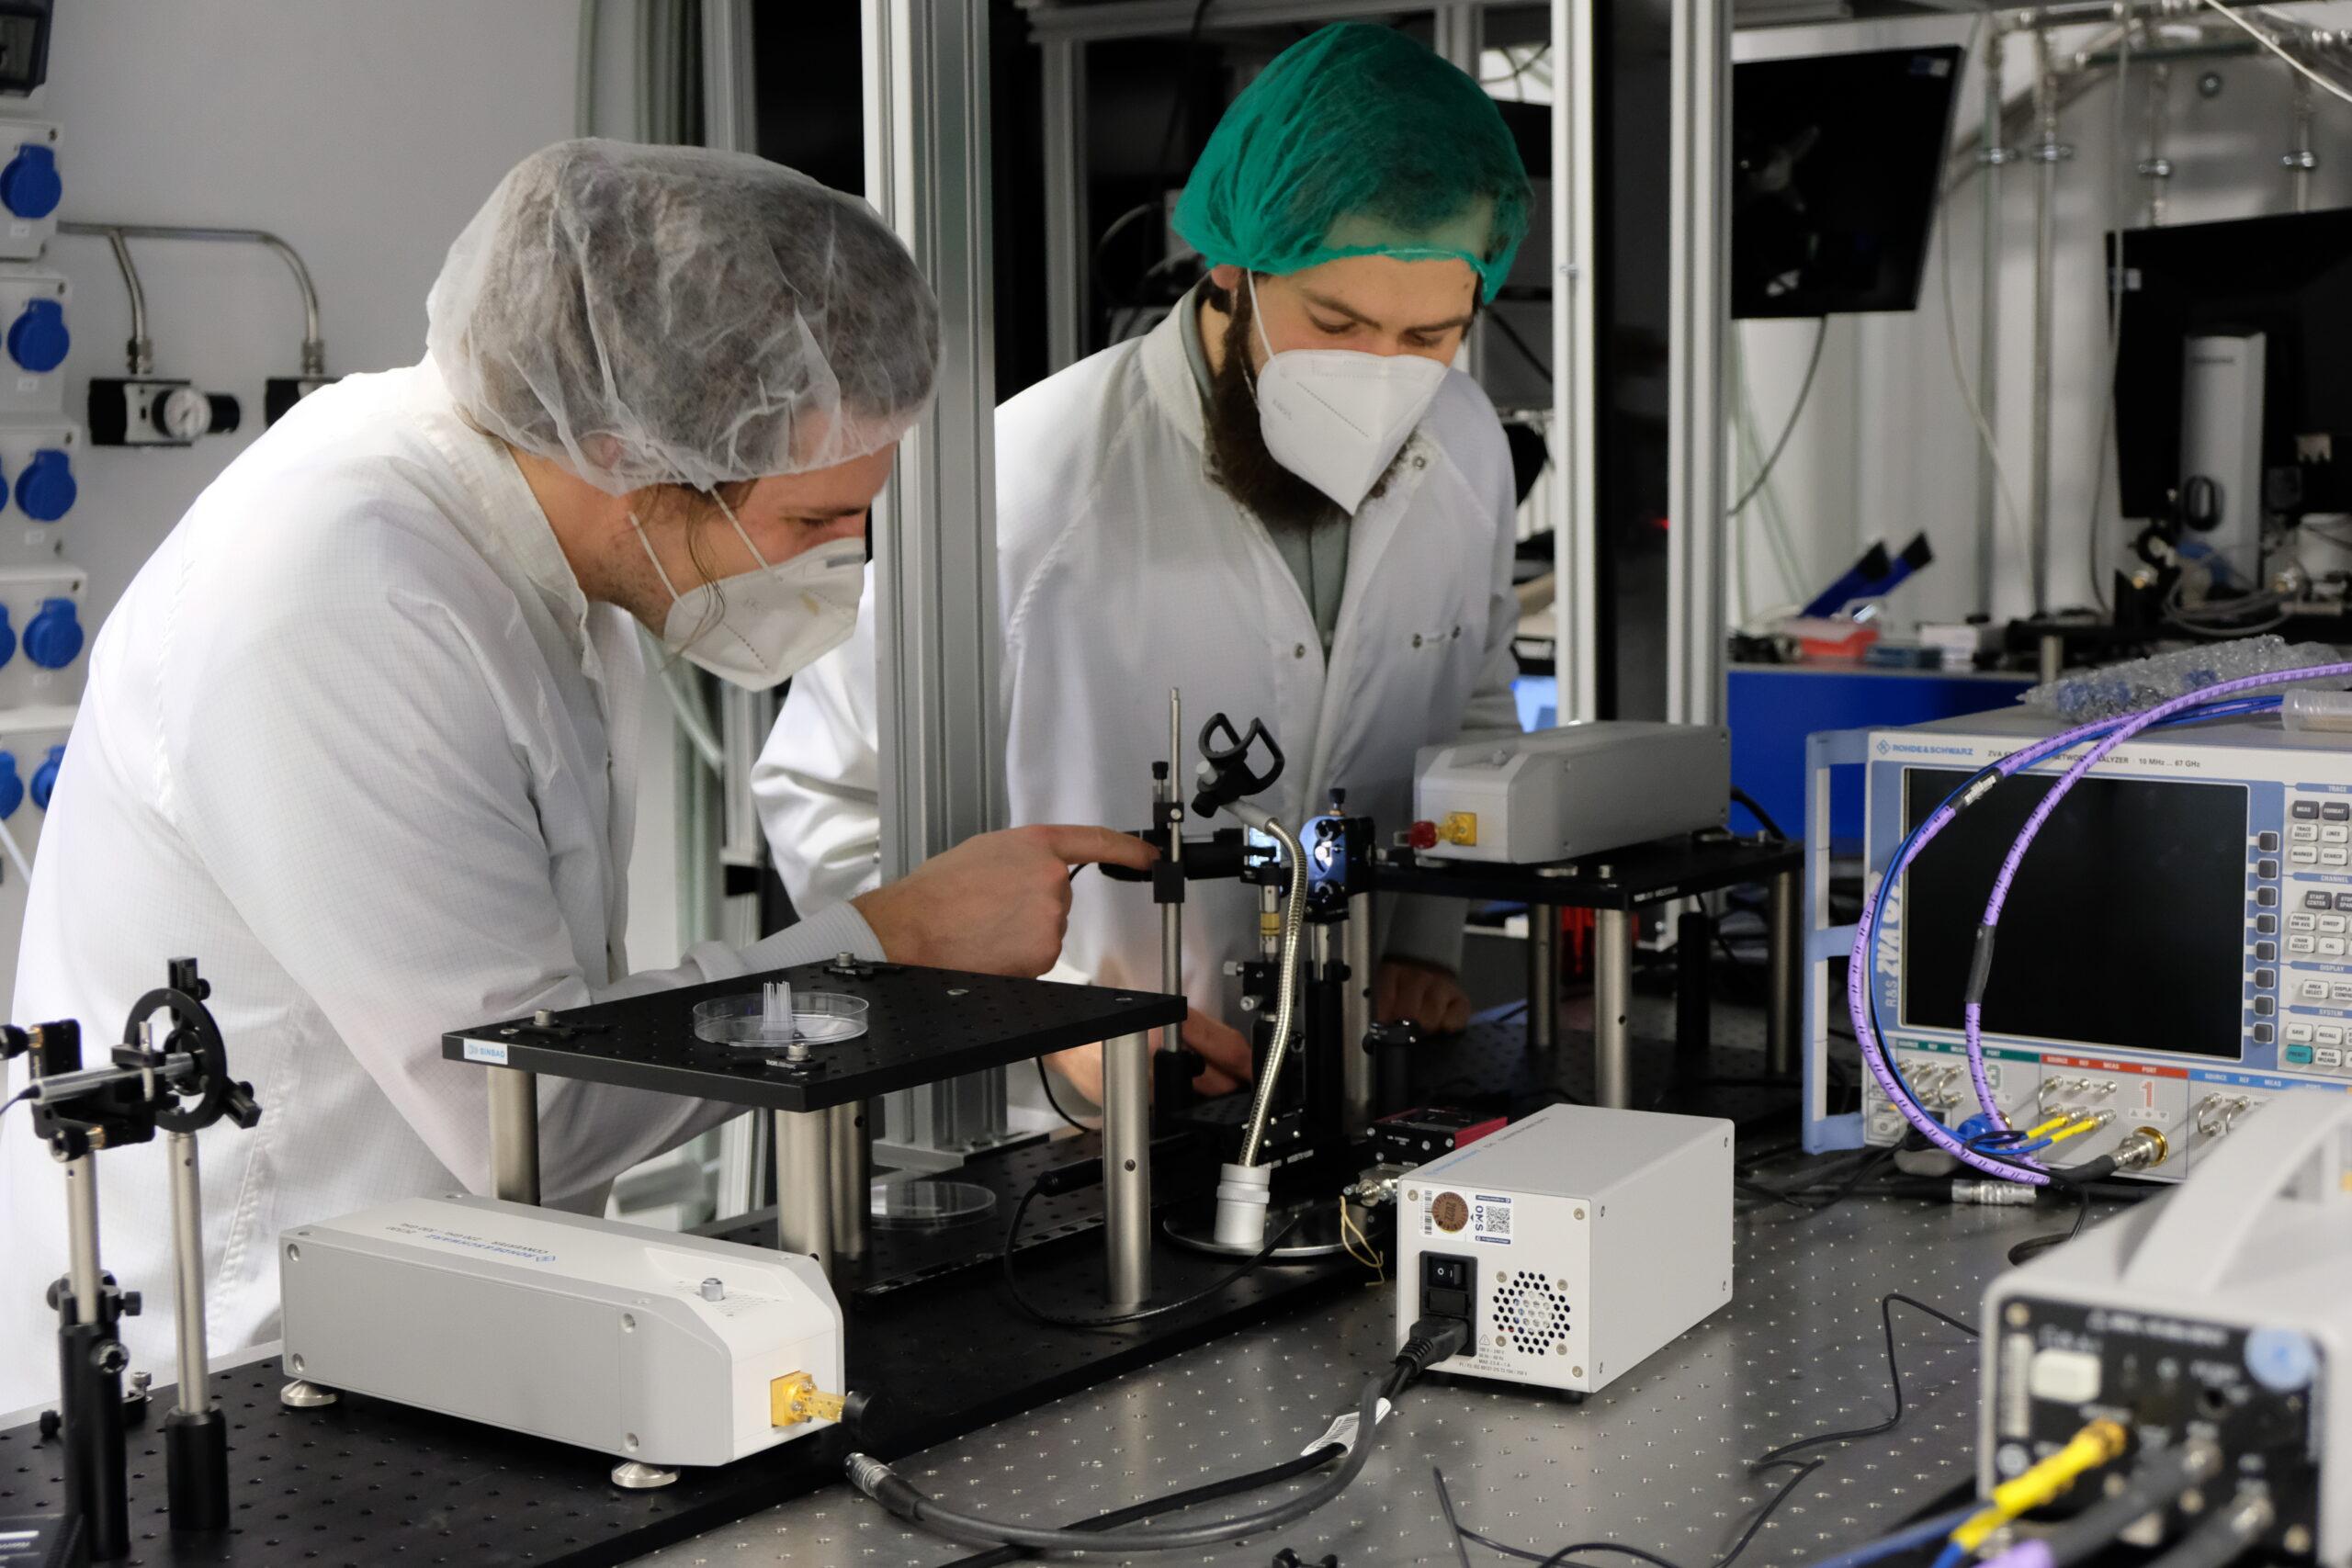 Kooperation von 3D-Netzwerkmitgliedern: Die DMG Digital Enterprises SE unterstützt das Deutschen Elektronen- Synchrotron